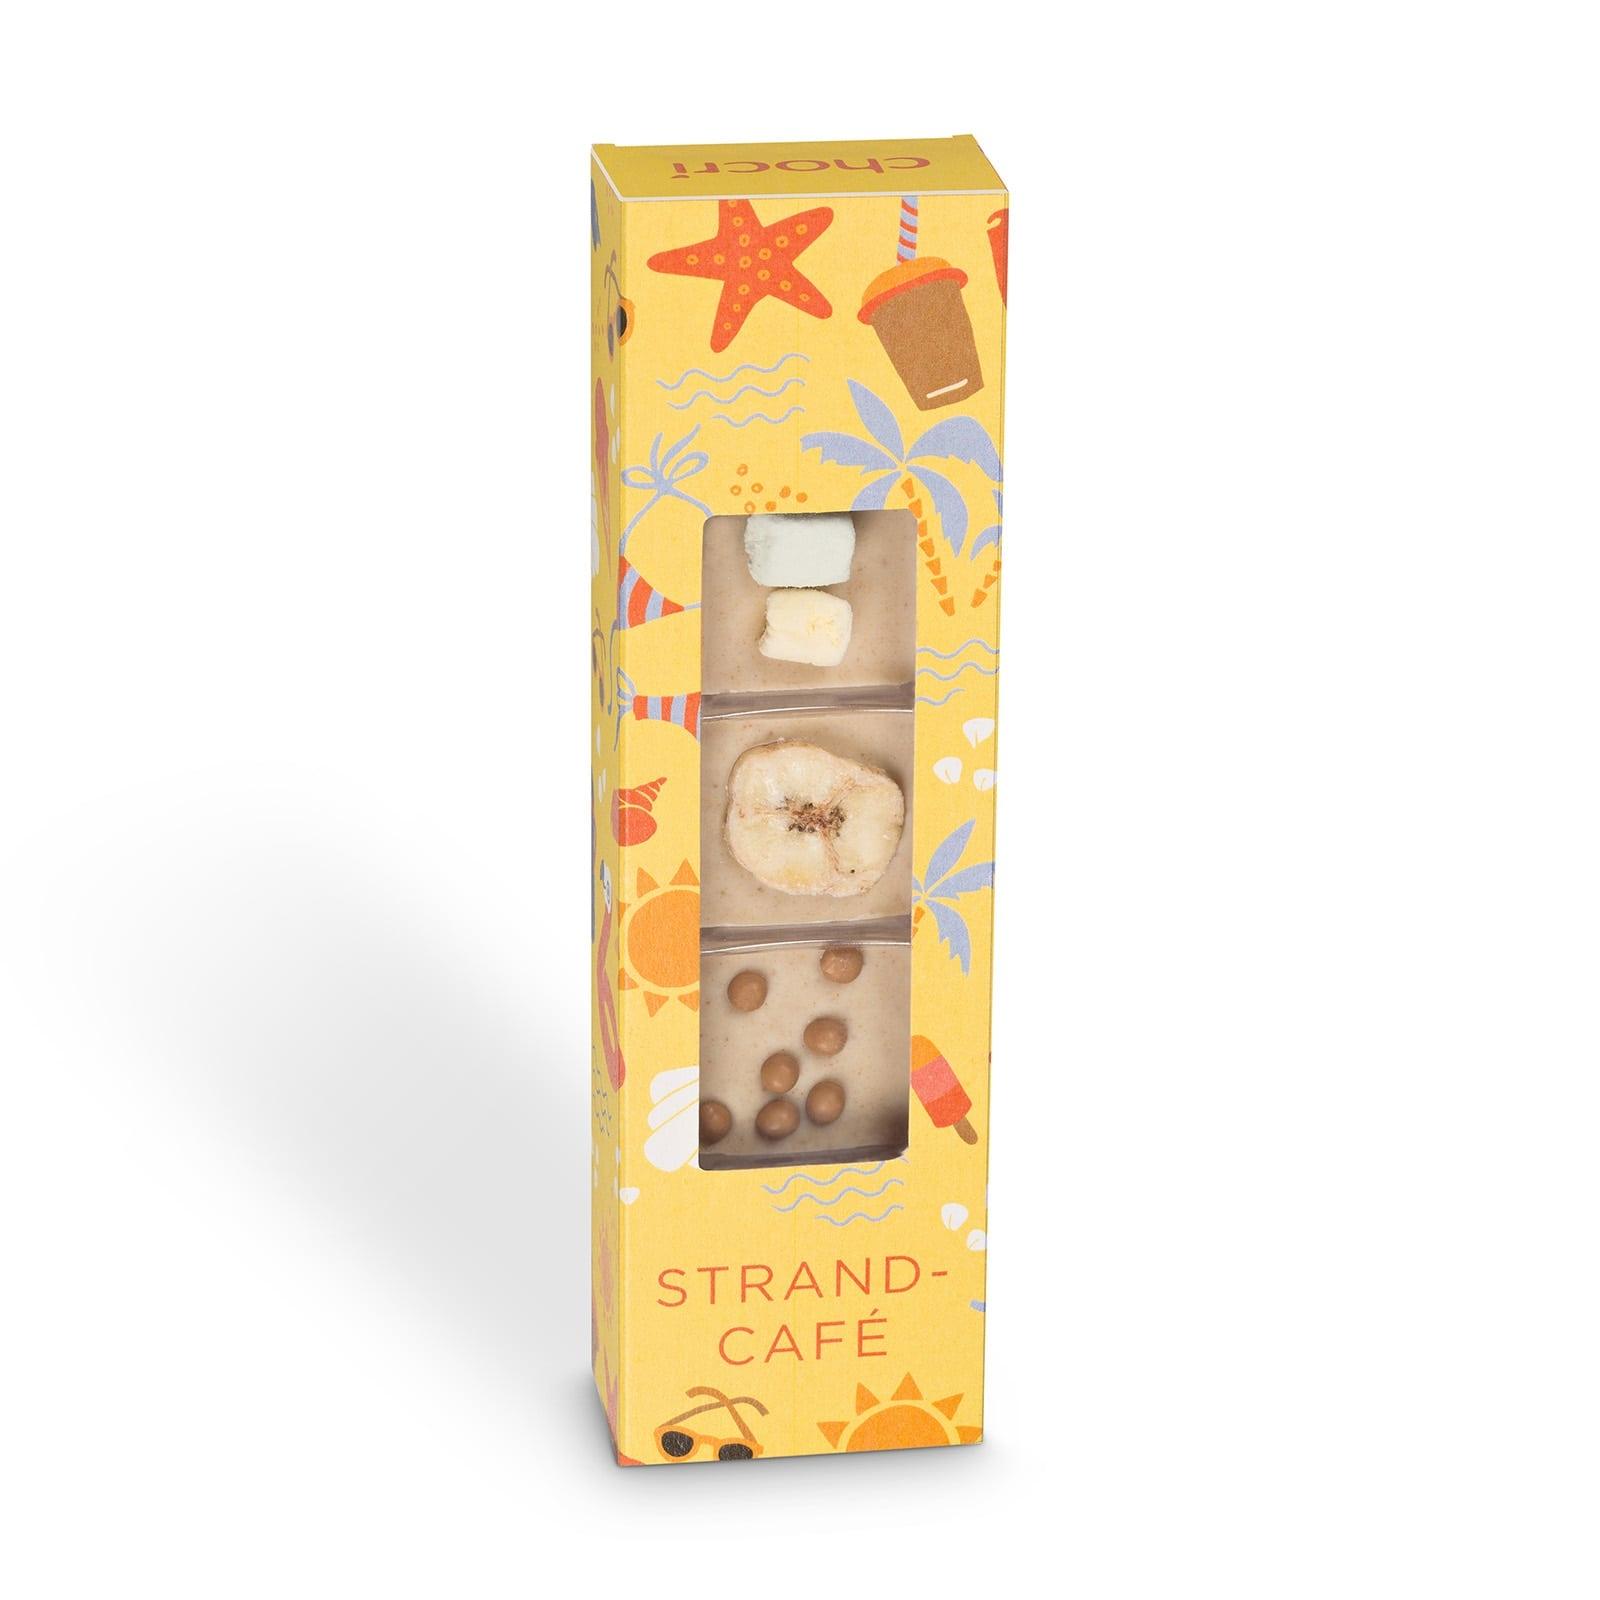 Köstlichsüsses - chocri Kleine Weltreise® 'Strandcafé' Mini Schokoladentafeln - Onlineshop Chocri